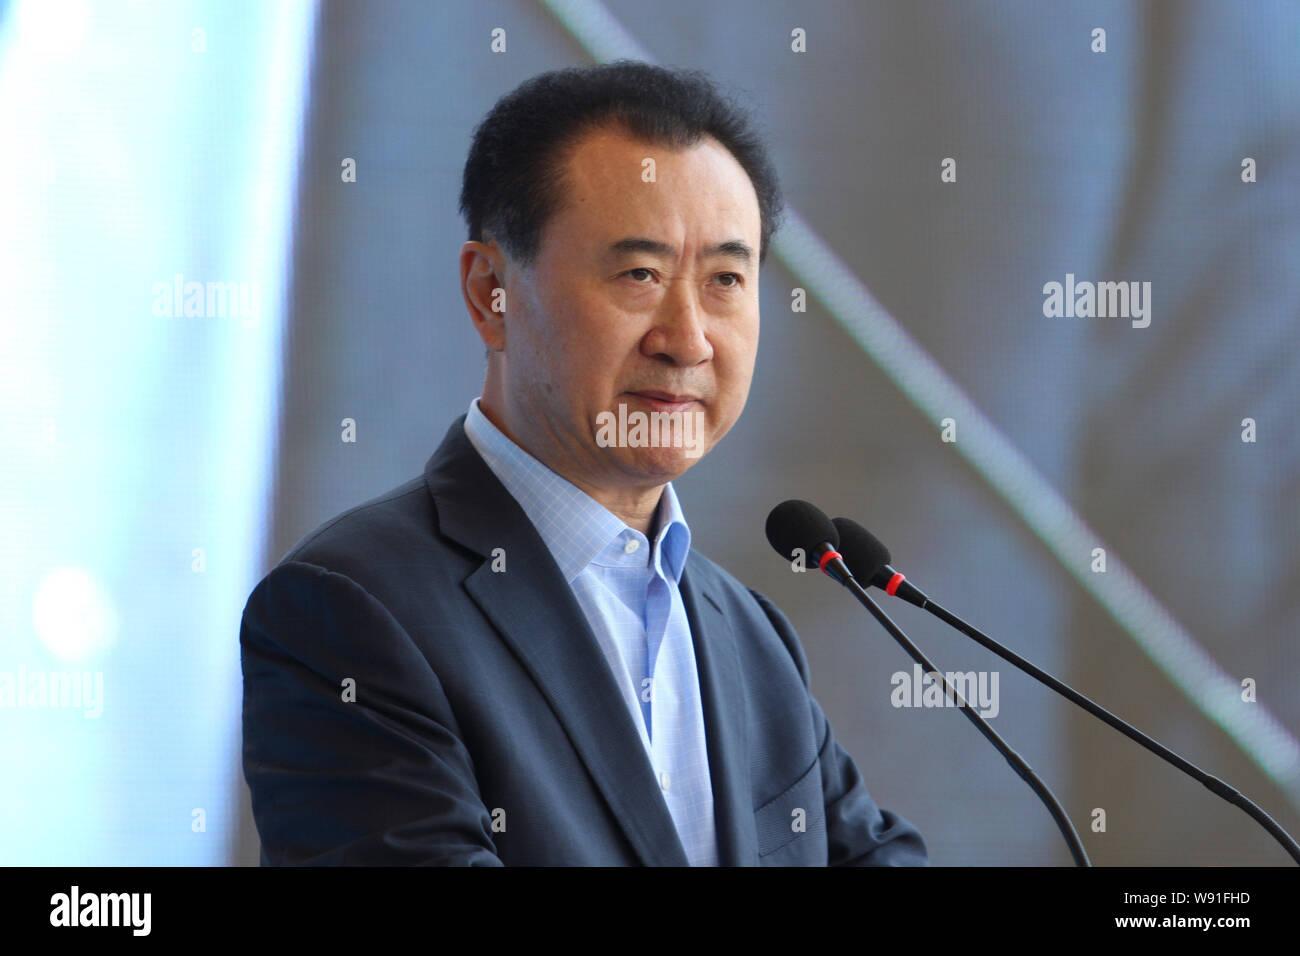 FILE--Wang Jianlin, chairman of Dalian Wanda Group, speaks